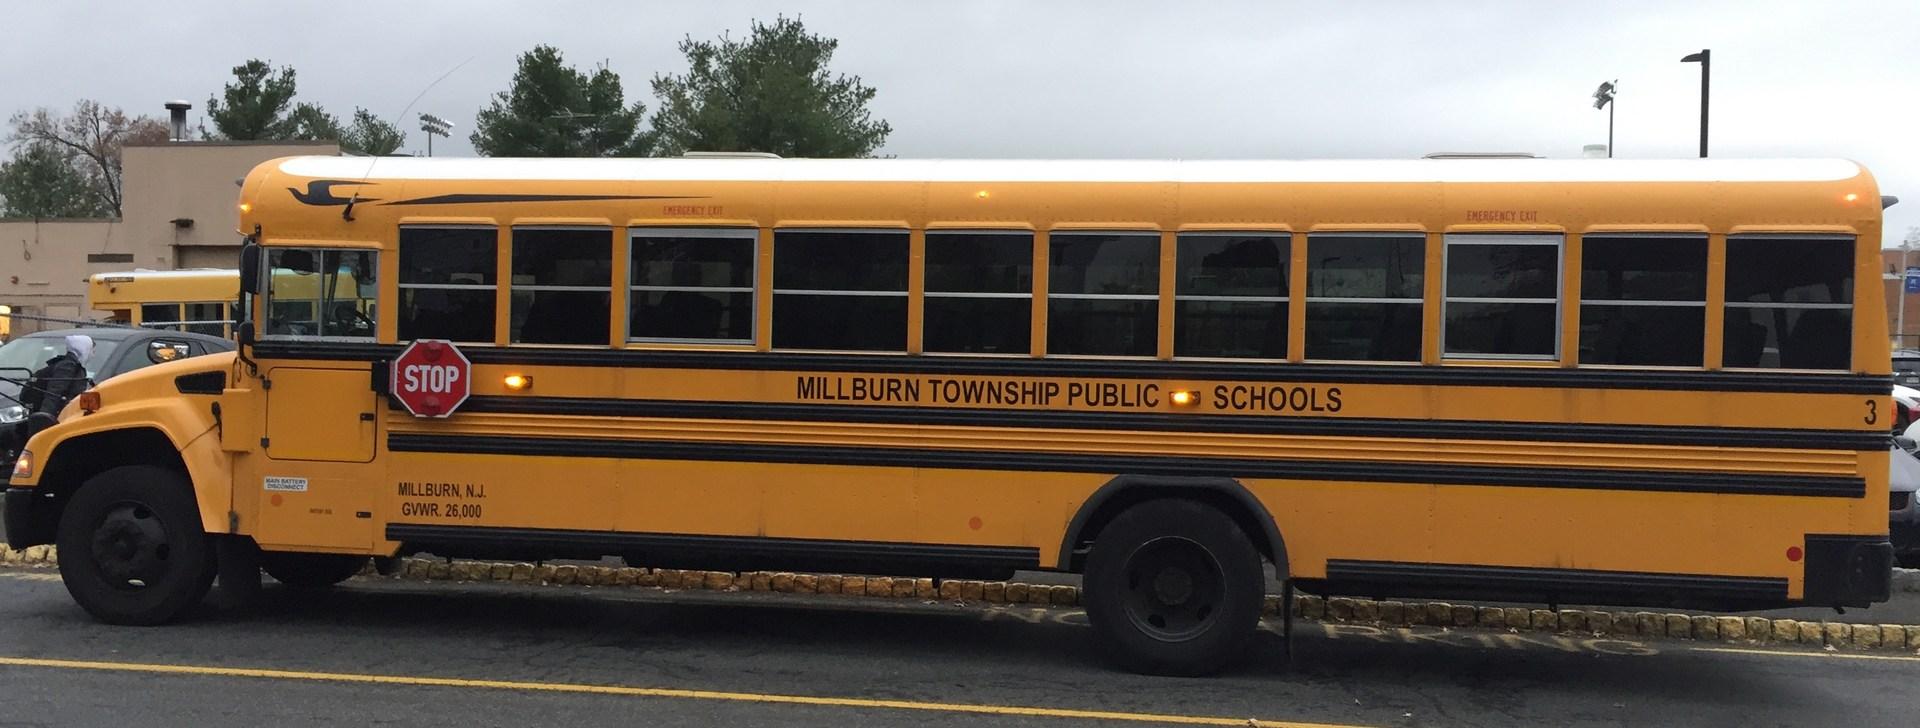 Millburn bus